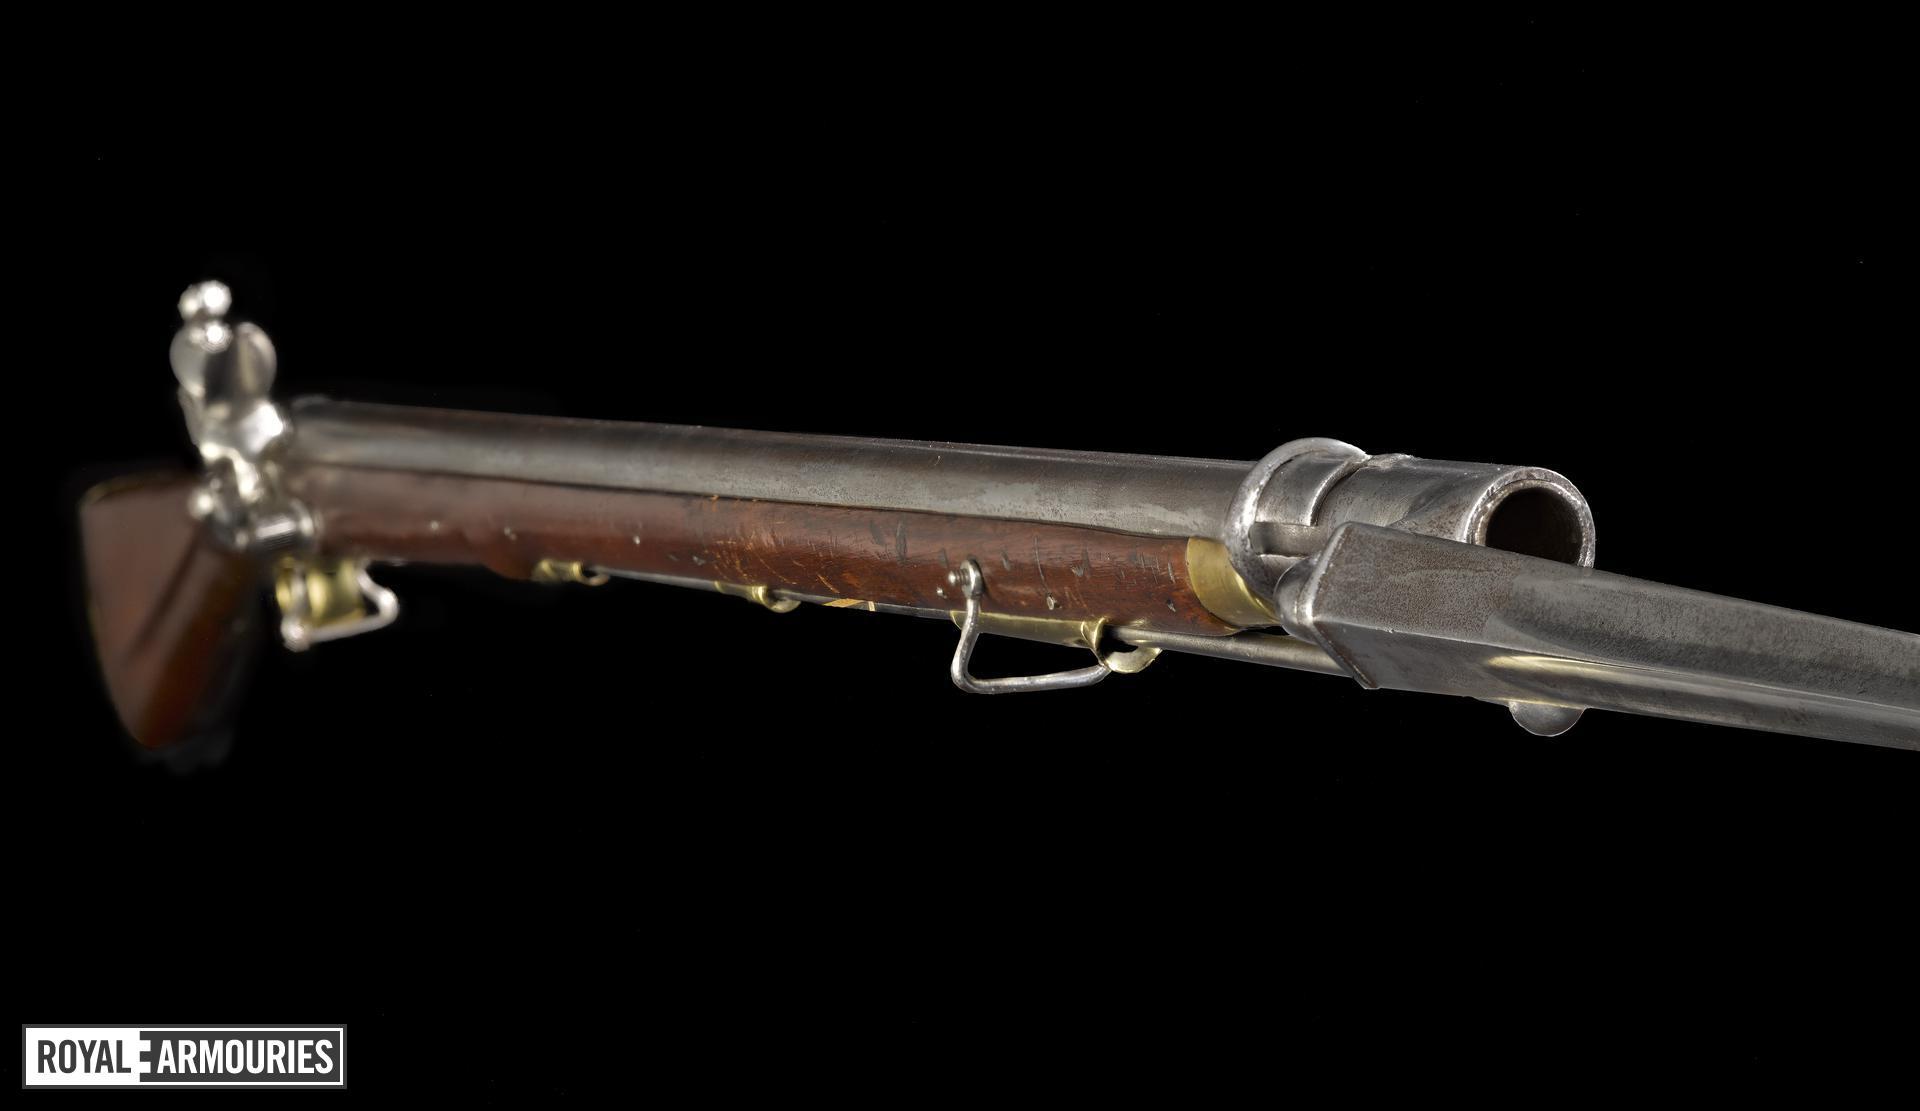 Scabbard - Scabbard for bayonet